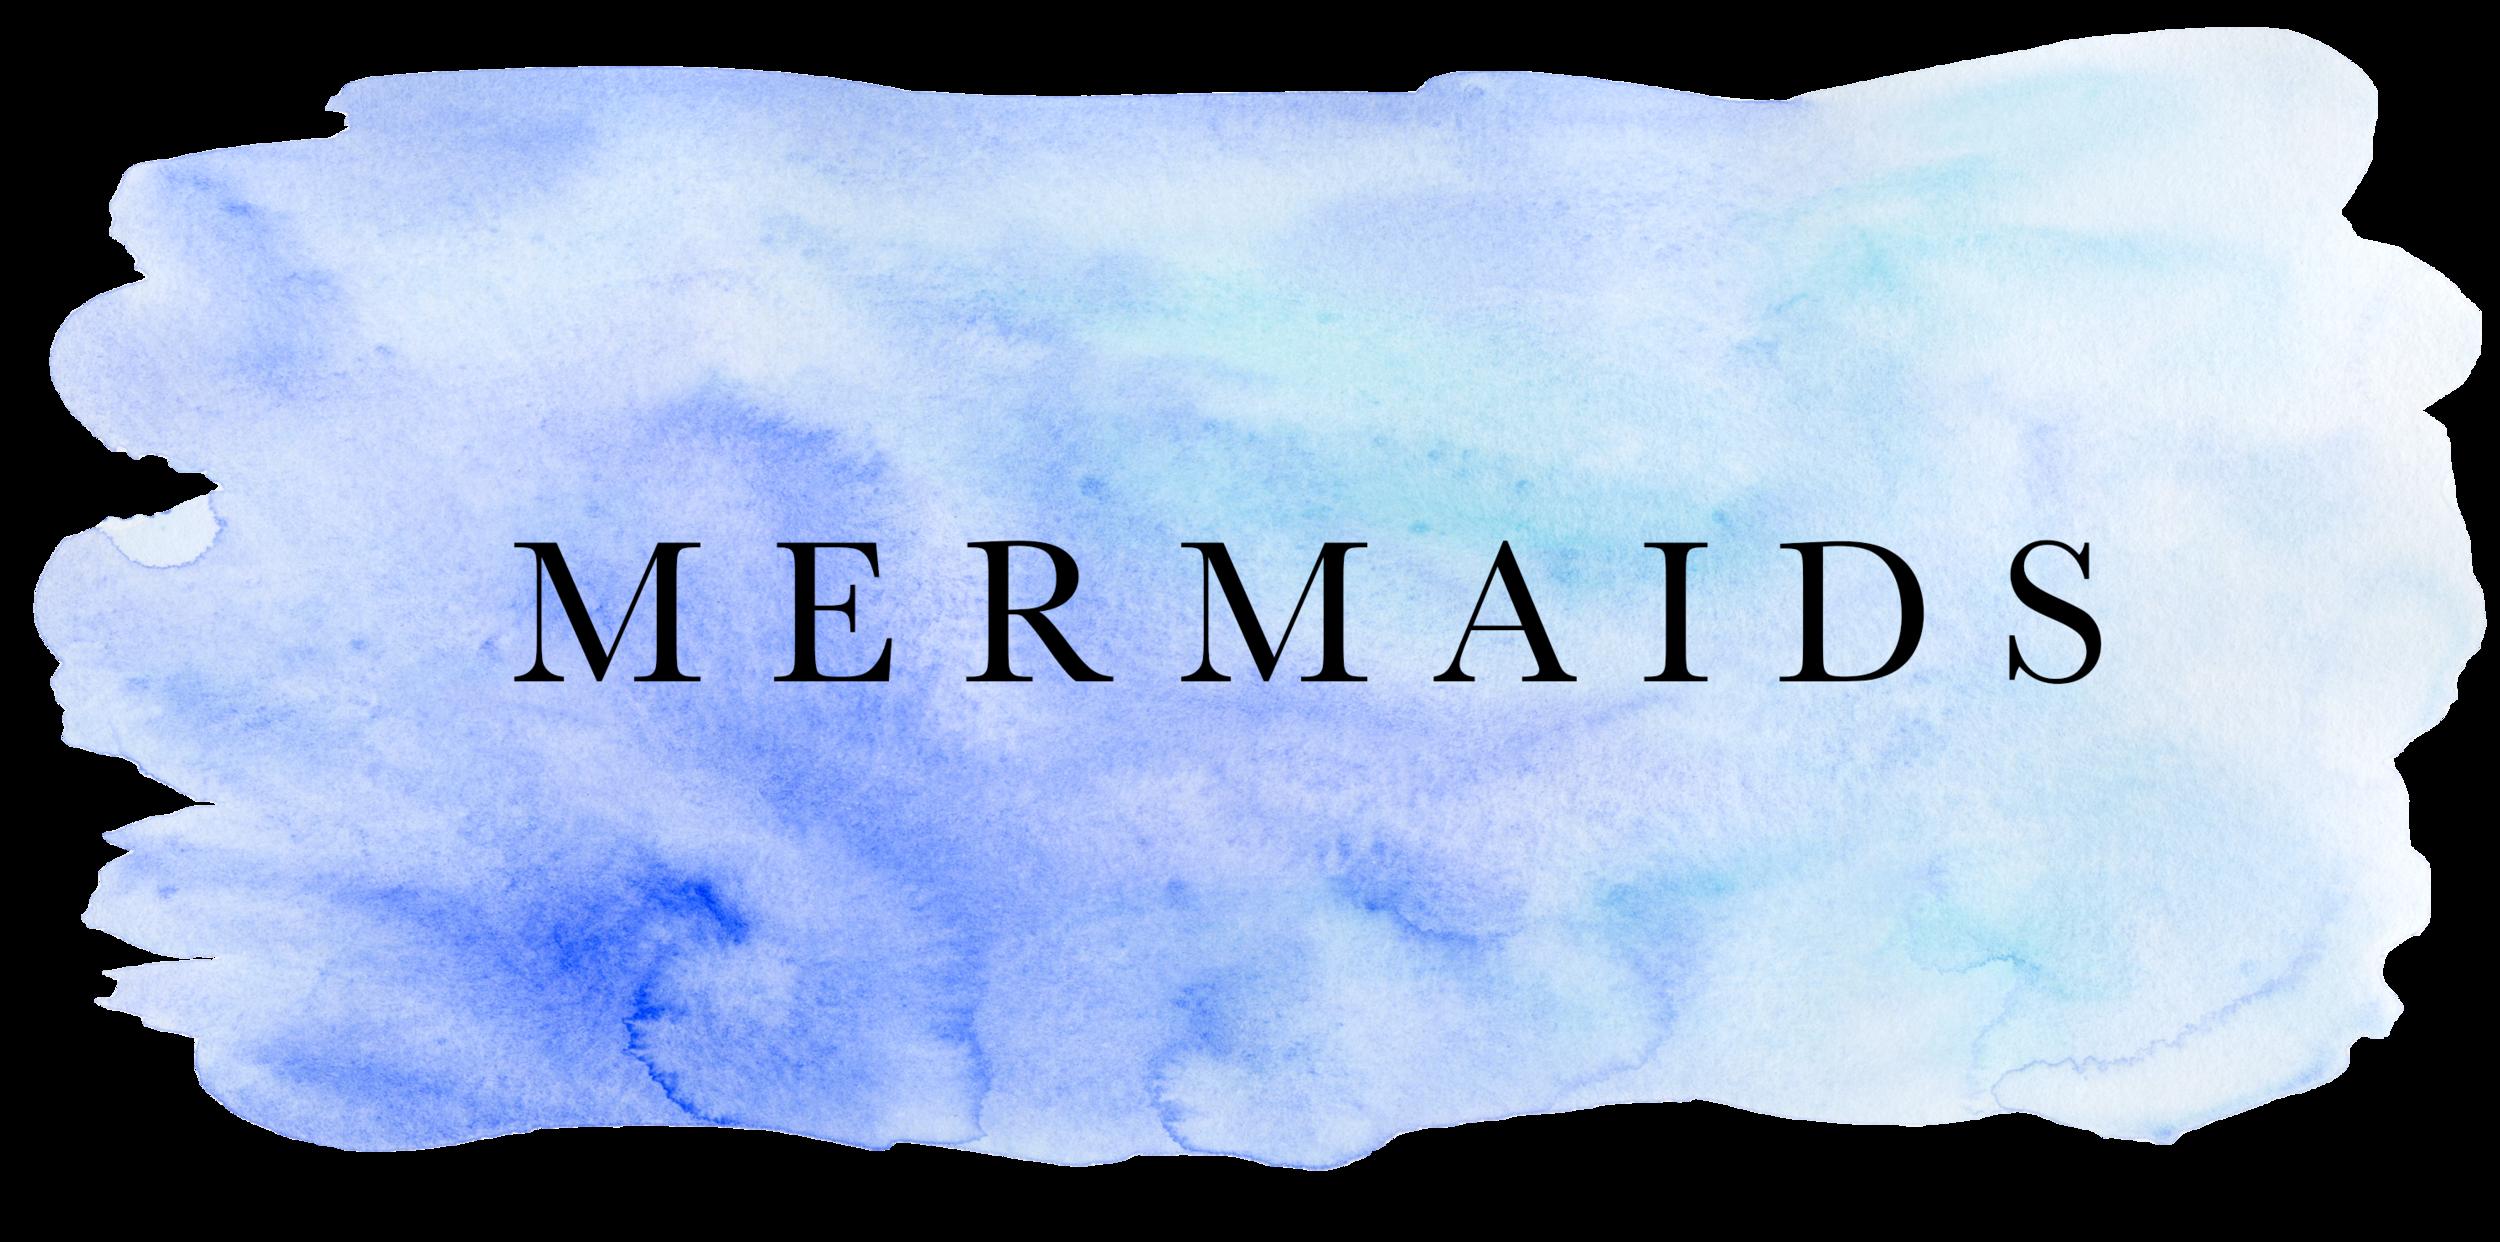 mermaidtitle.png